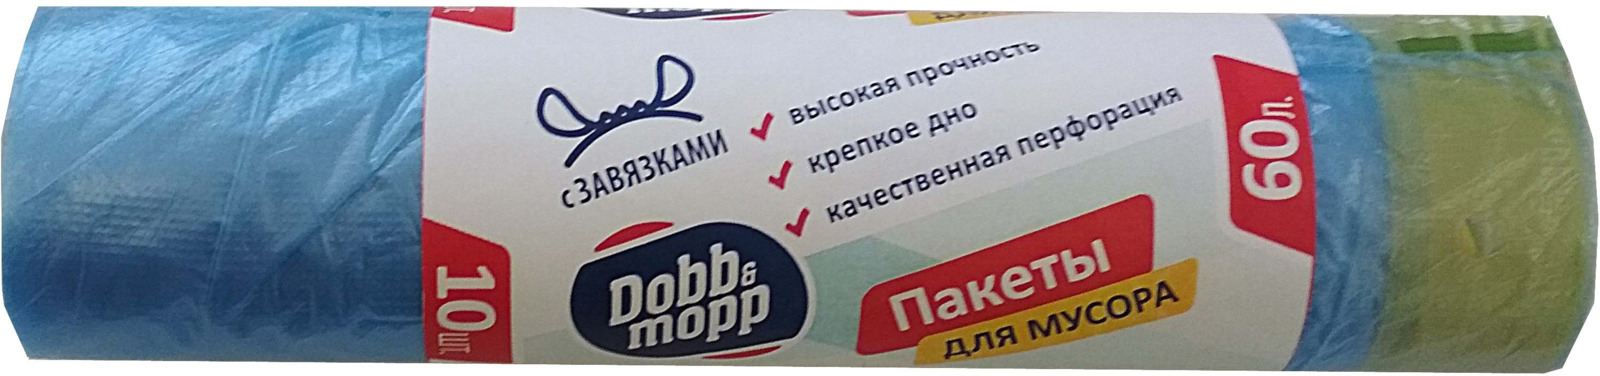 Пакет мусорные Dobb&Mopp, с завязками, 60 л, 10 шт тряпка dobb